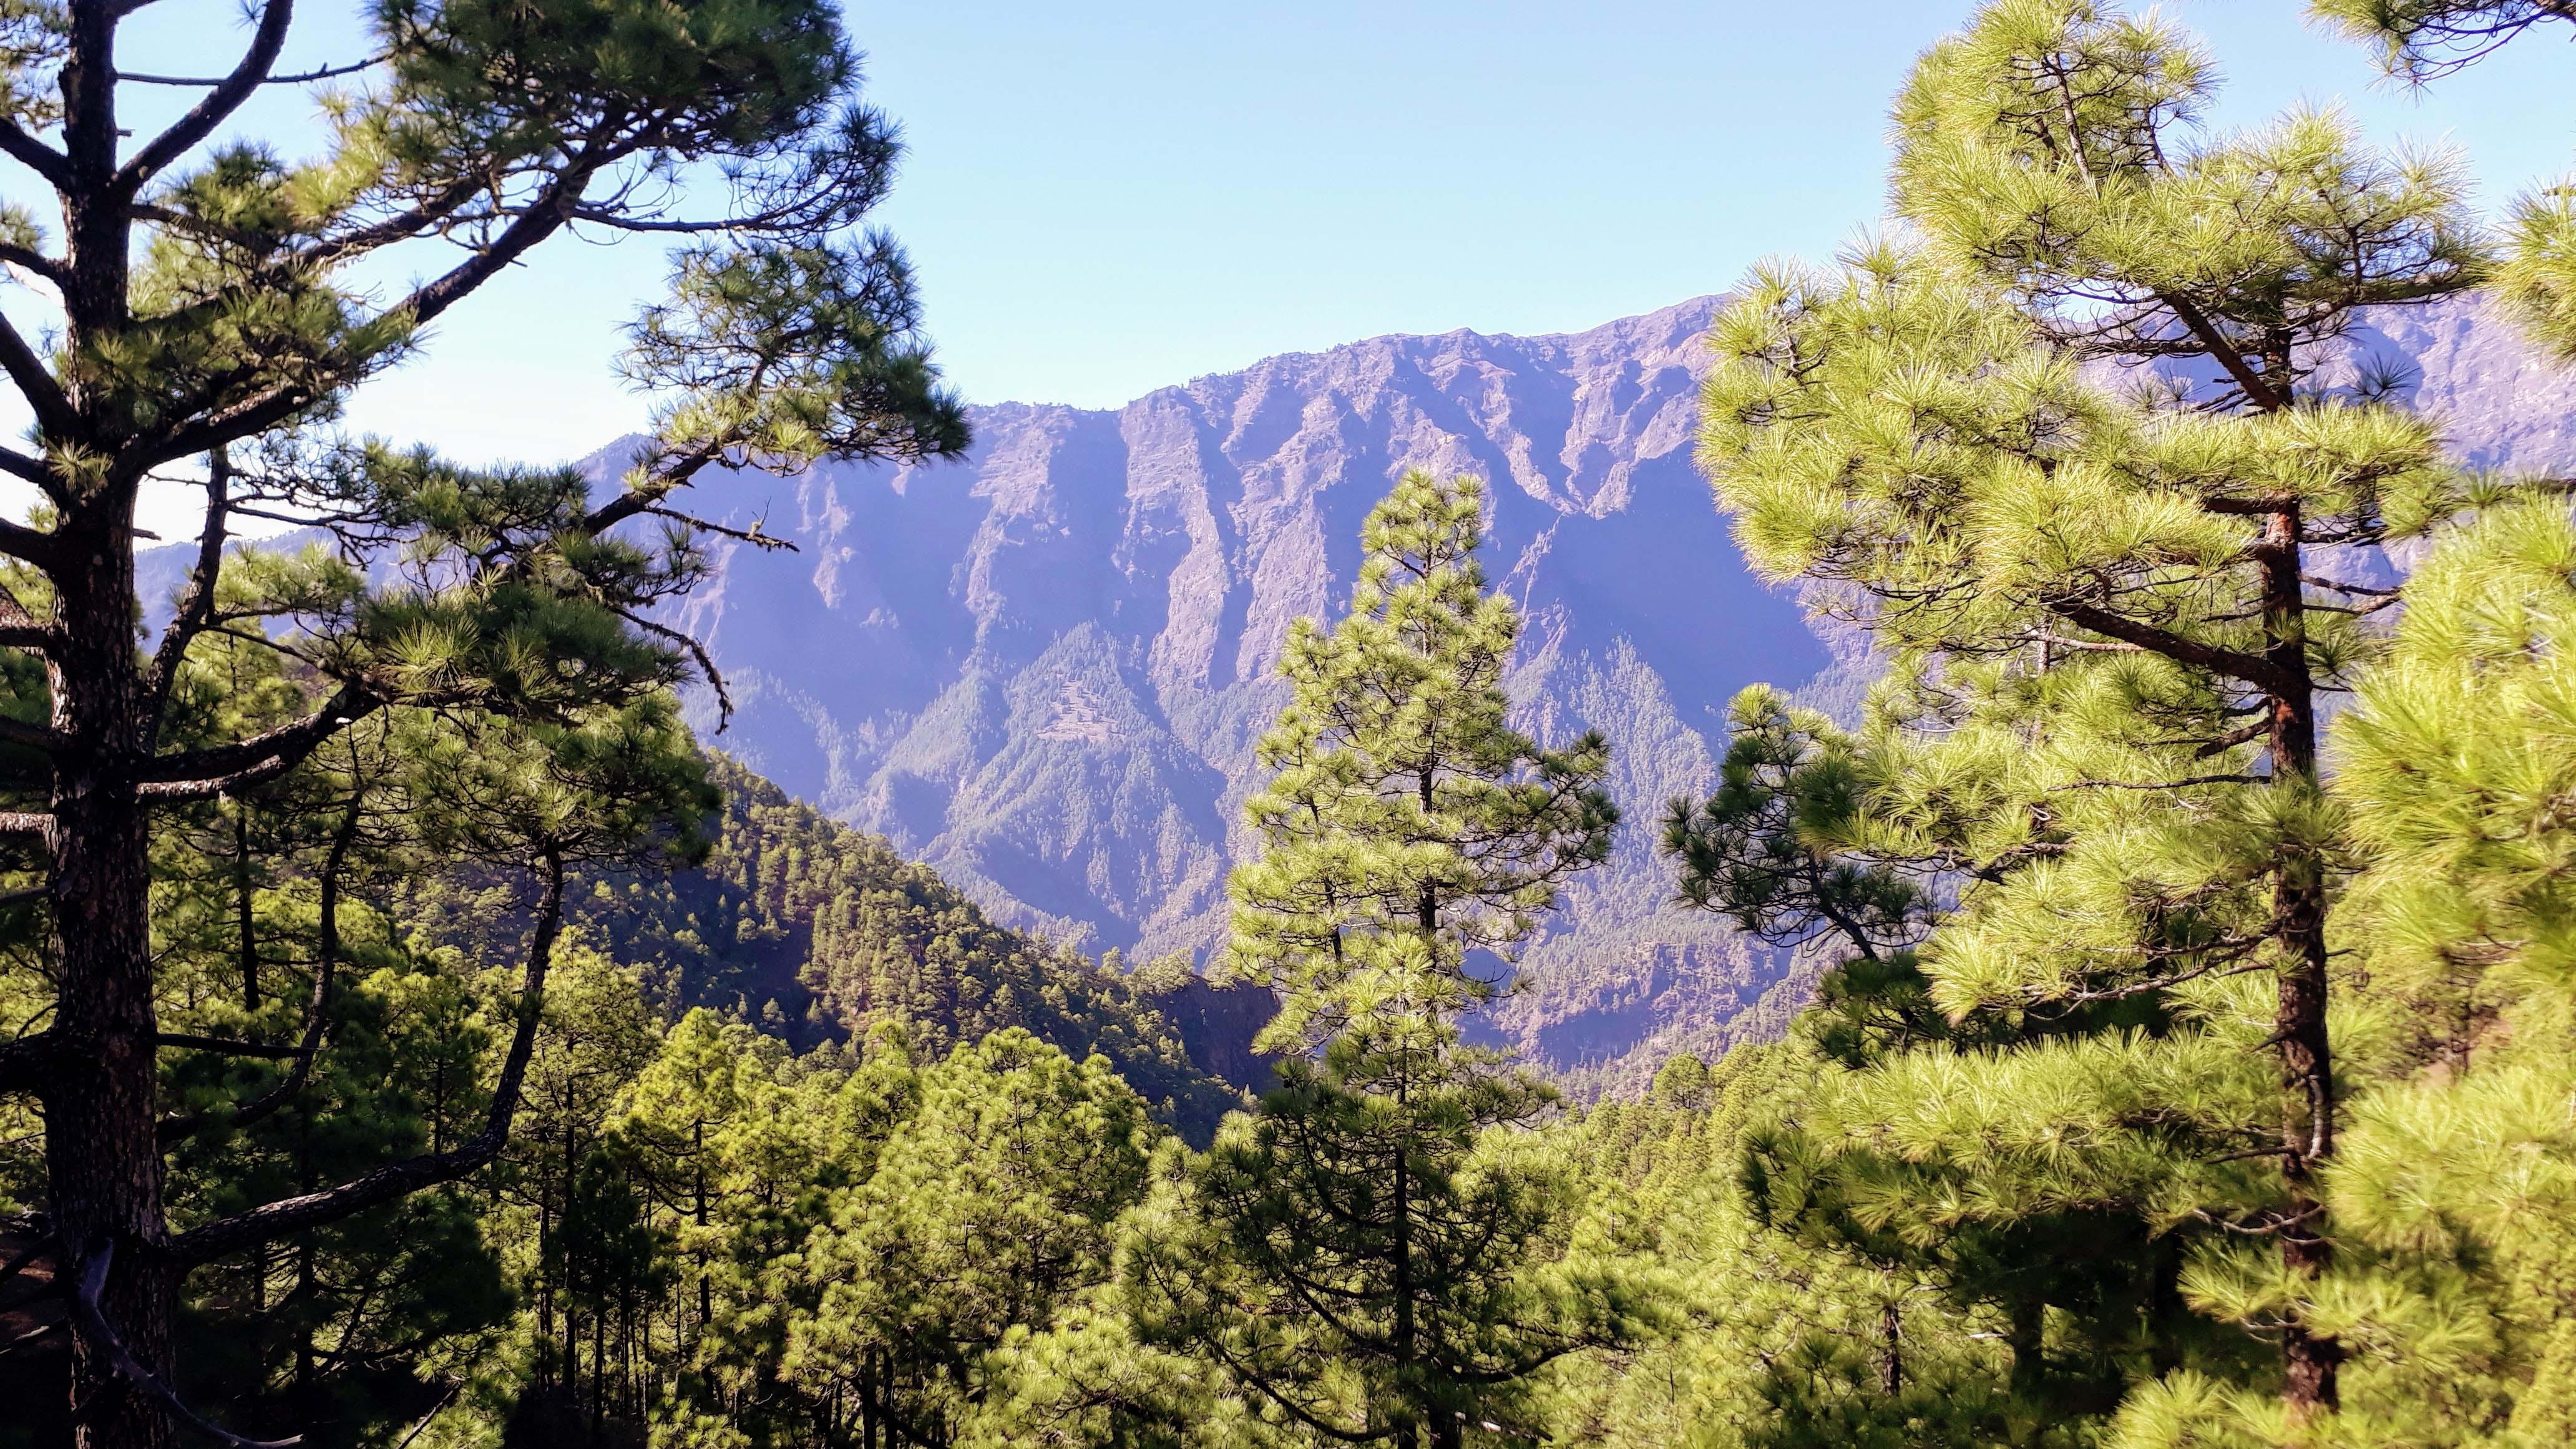 Blick auf den Kraterrand der Caldera de Taburiente